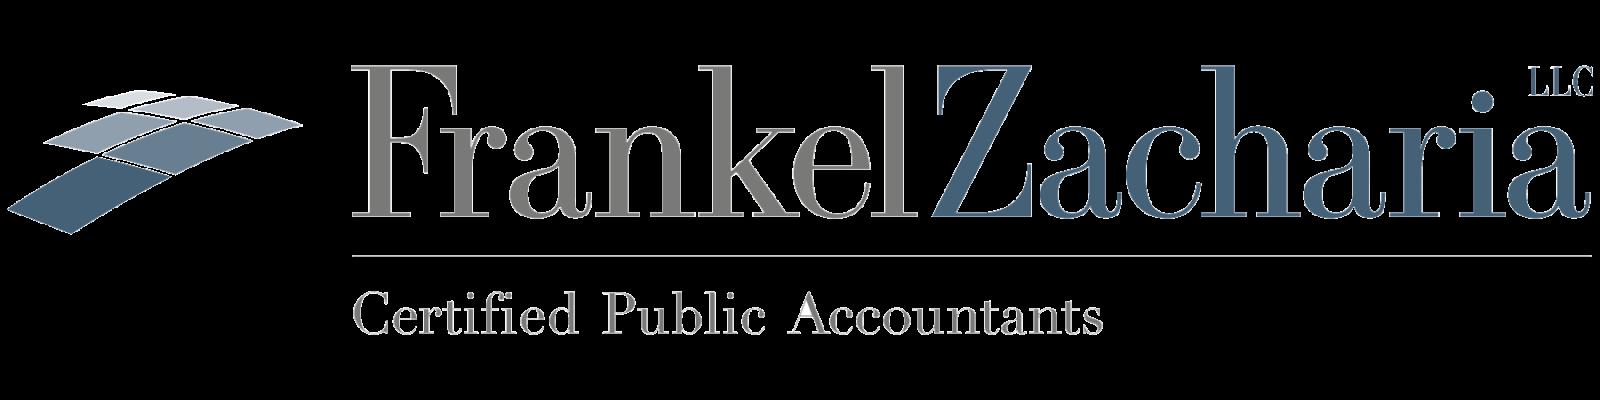 Frankel Zacharia, LLC logo